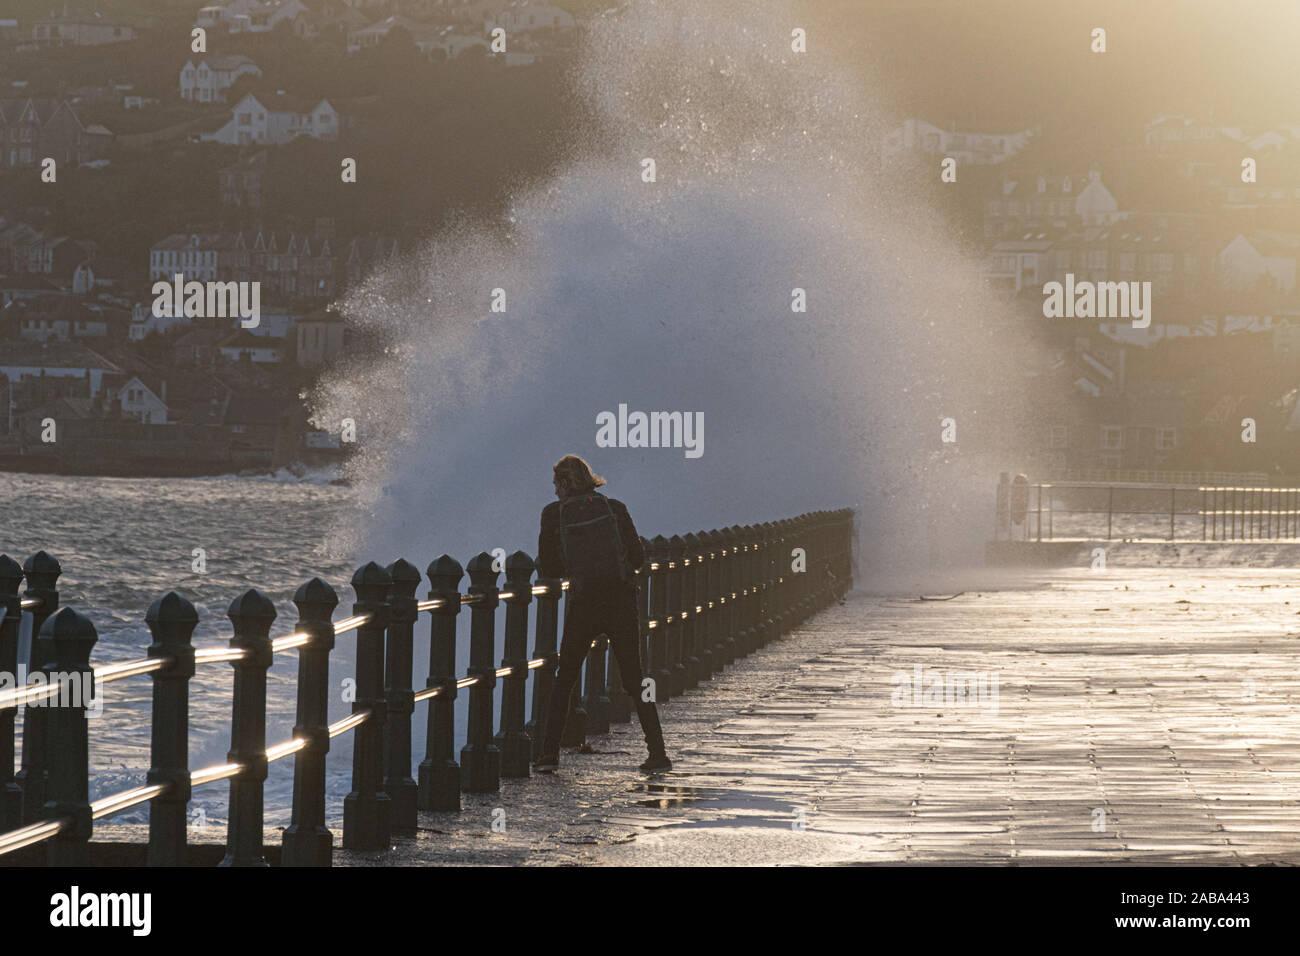 Penzance, Cornwall, UK. 26 novembre 2019. Météo britannique. Un photographe dés avec le danger d'essayer de saisir des images de l'énormes vagues qui se fracassent sur le front de mer à Penzance que storm Sébastien pousse des vagues énormes à l'intérieur des terres. Beaucoup de Cornwall est sur alerte aux crues torrentielles avec pluie prévue pour plus tard. Maycock / AlamyLive Simon crédit News. Banque D'Images